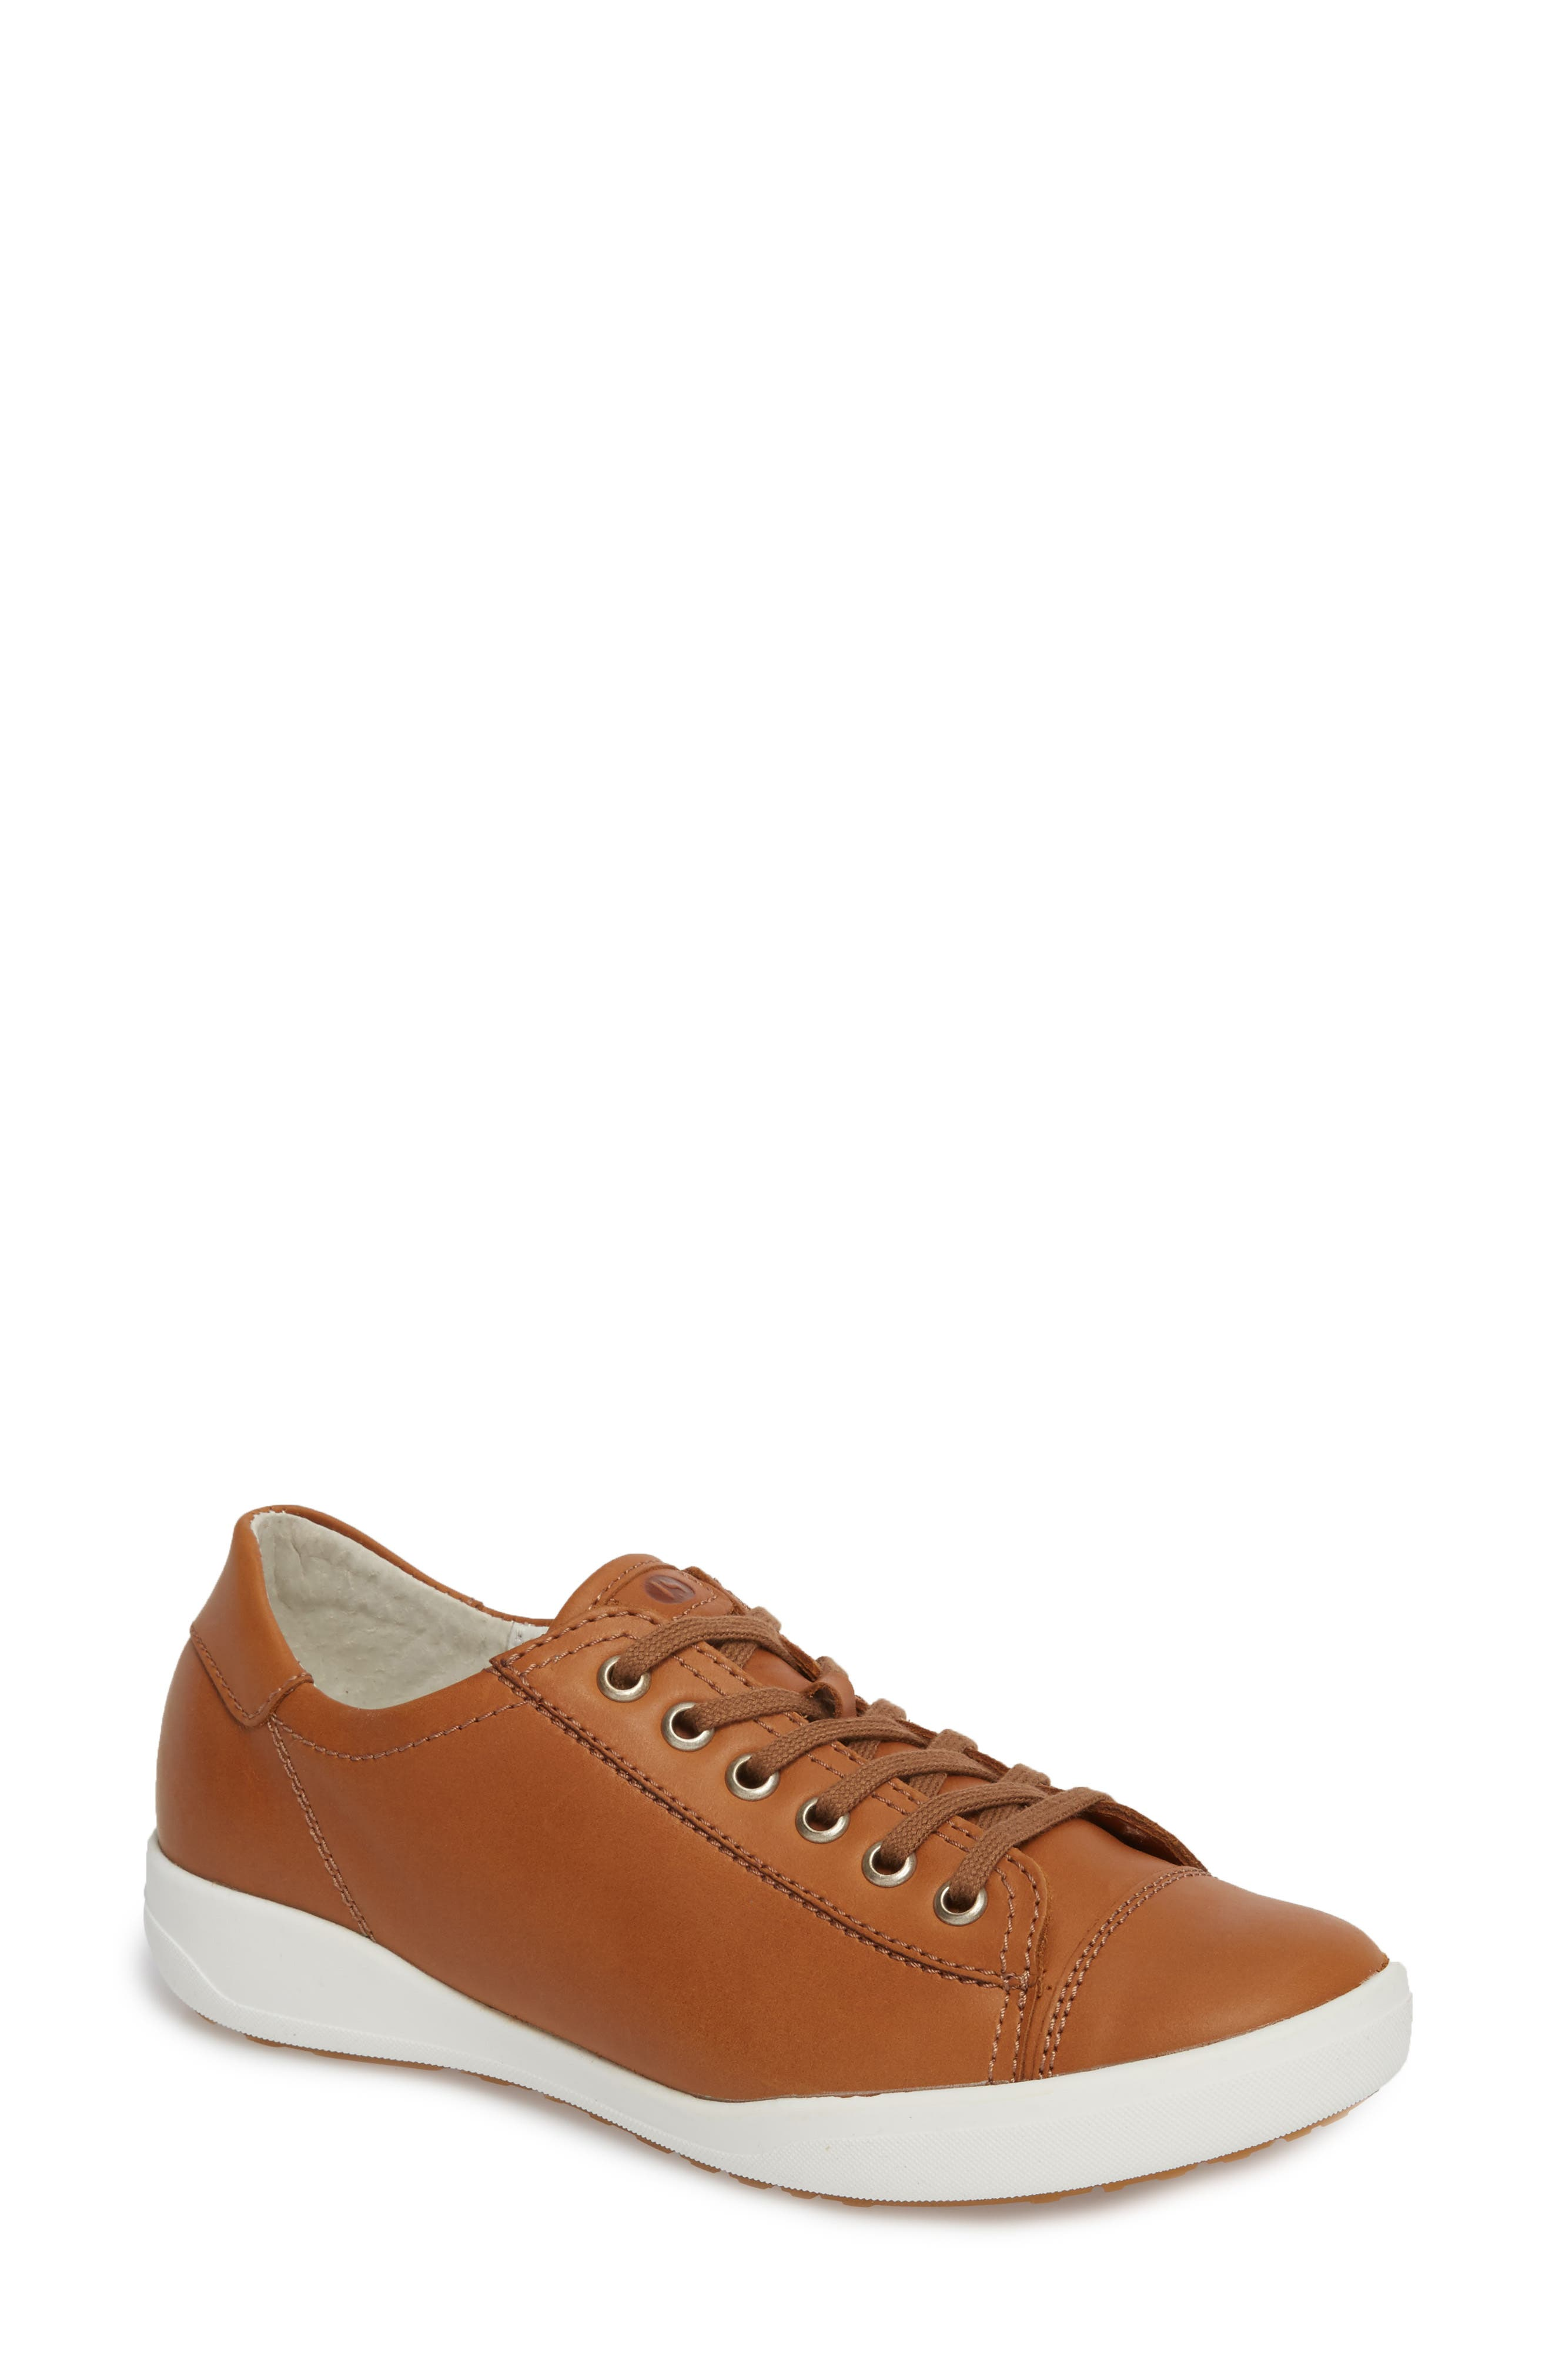 Josef Seibel Sina 11 Sneaker (Women)